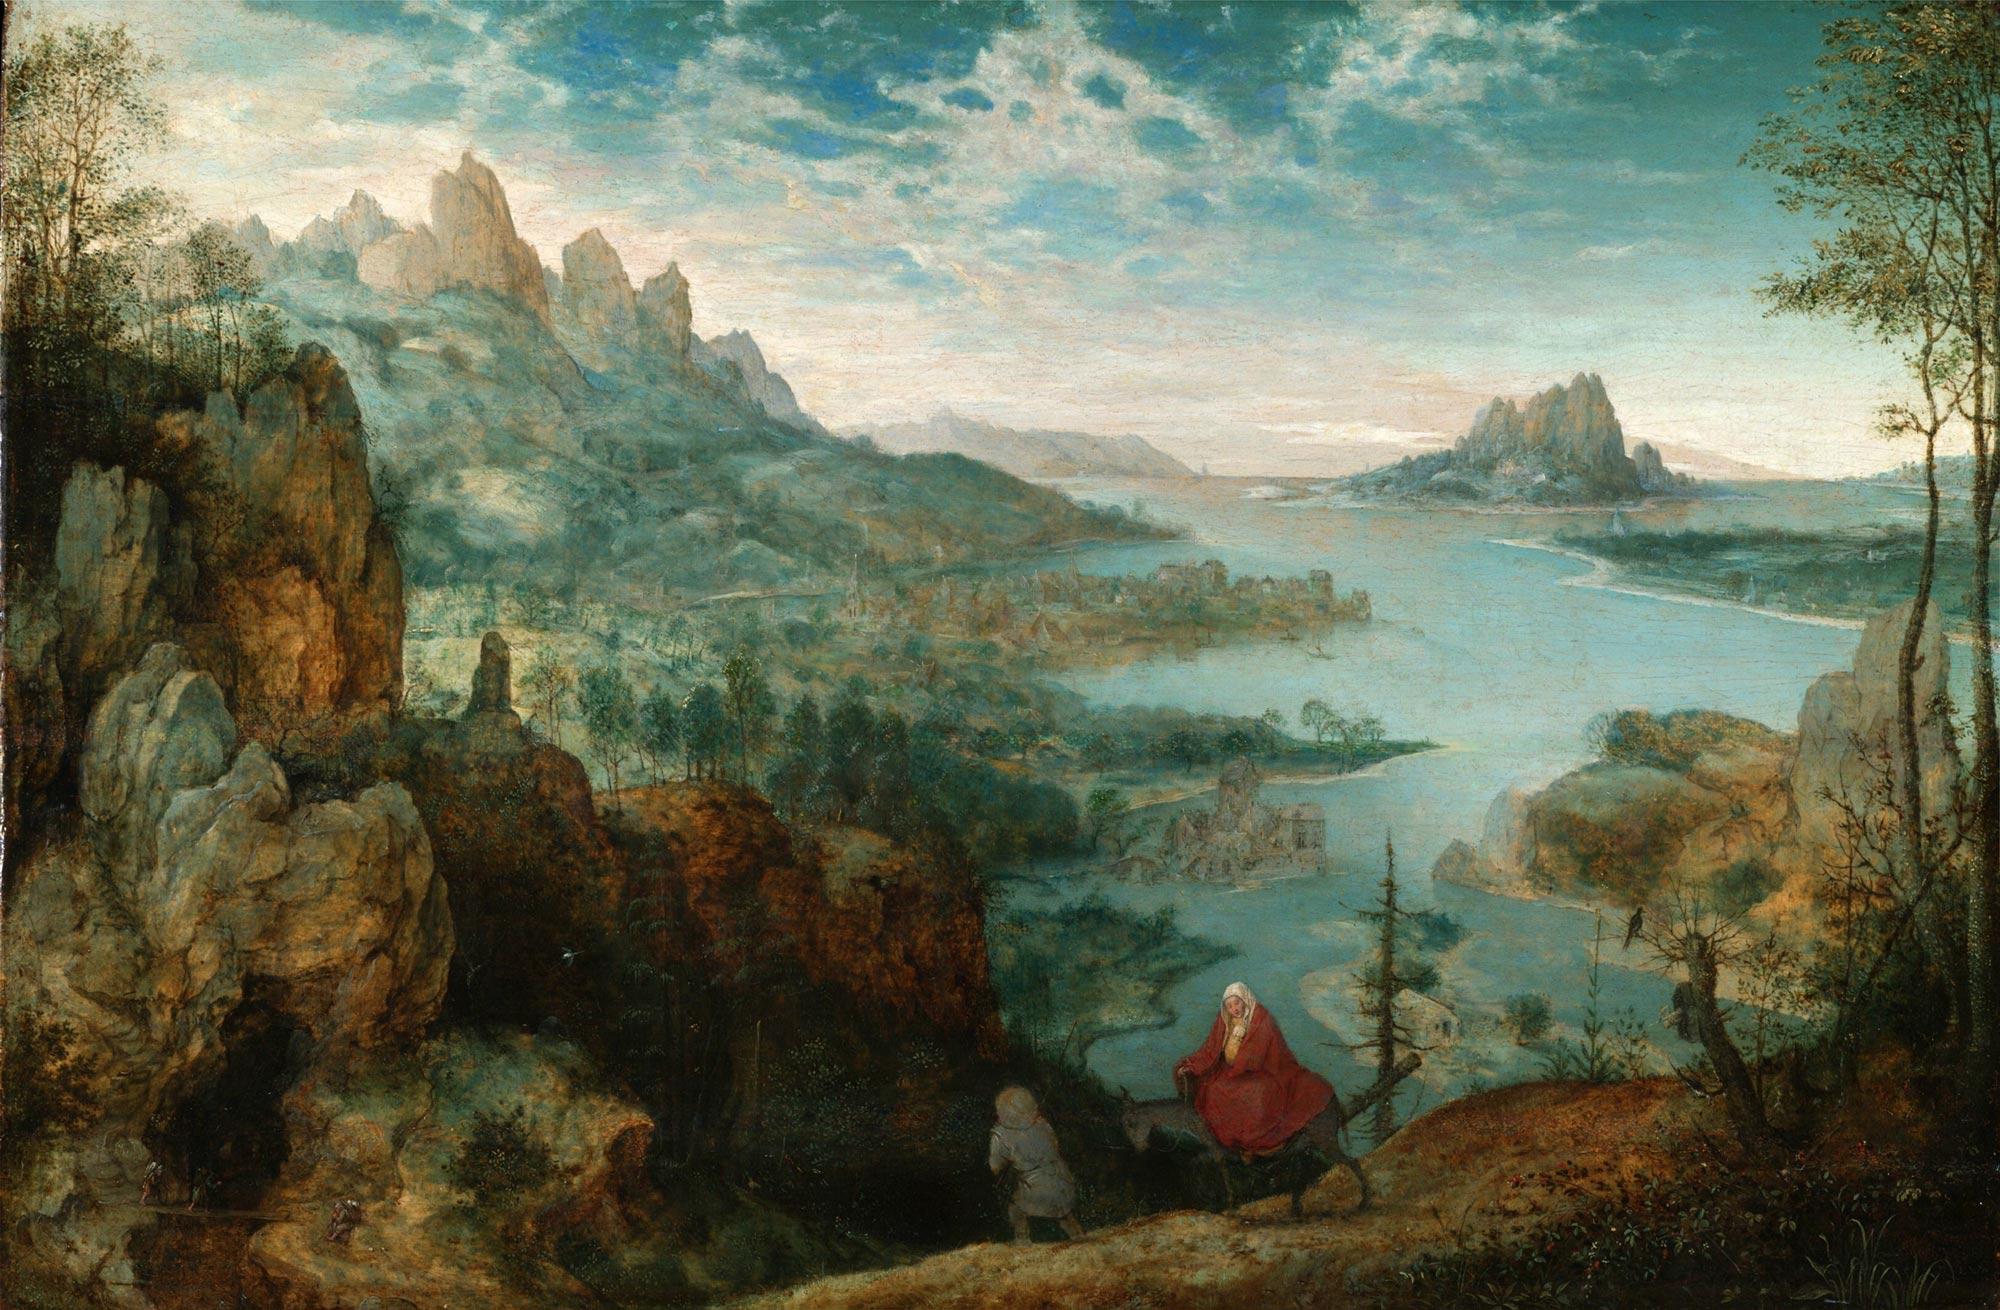 Pieter Bruegel, Paesaggio con fuga in Egitto (1563; olio su tavola, 37,1 x 55,6 cm; Londra, Courtauld Institute)